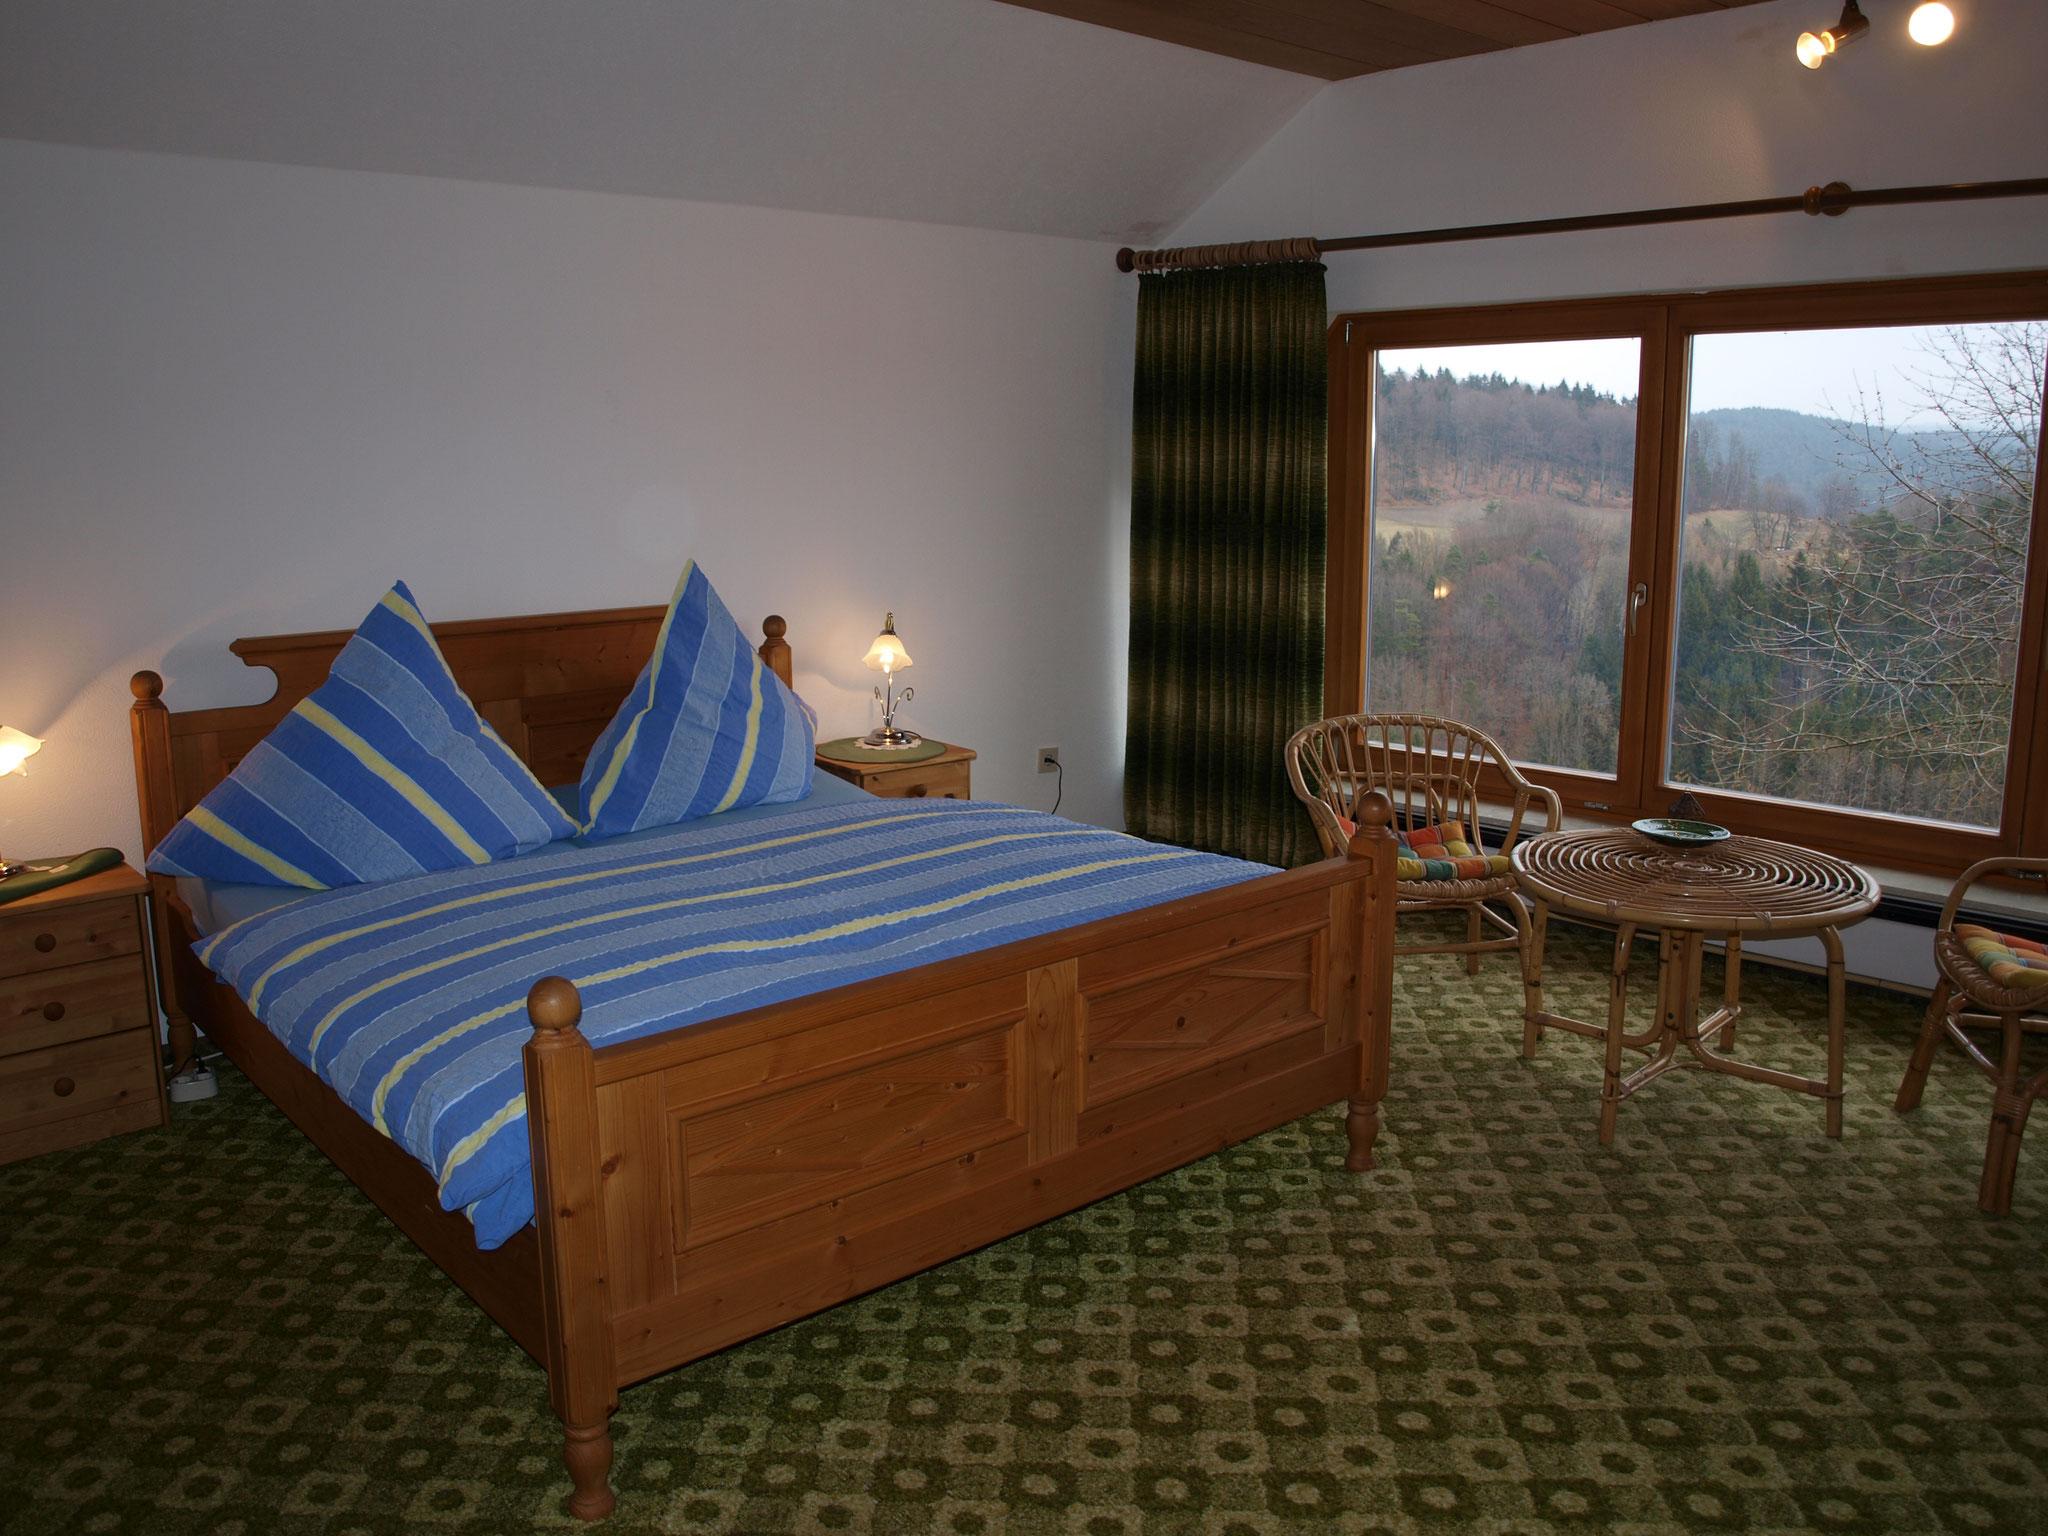 Doppelzimmer mit Panoramafenster